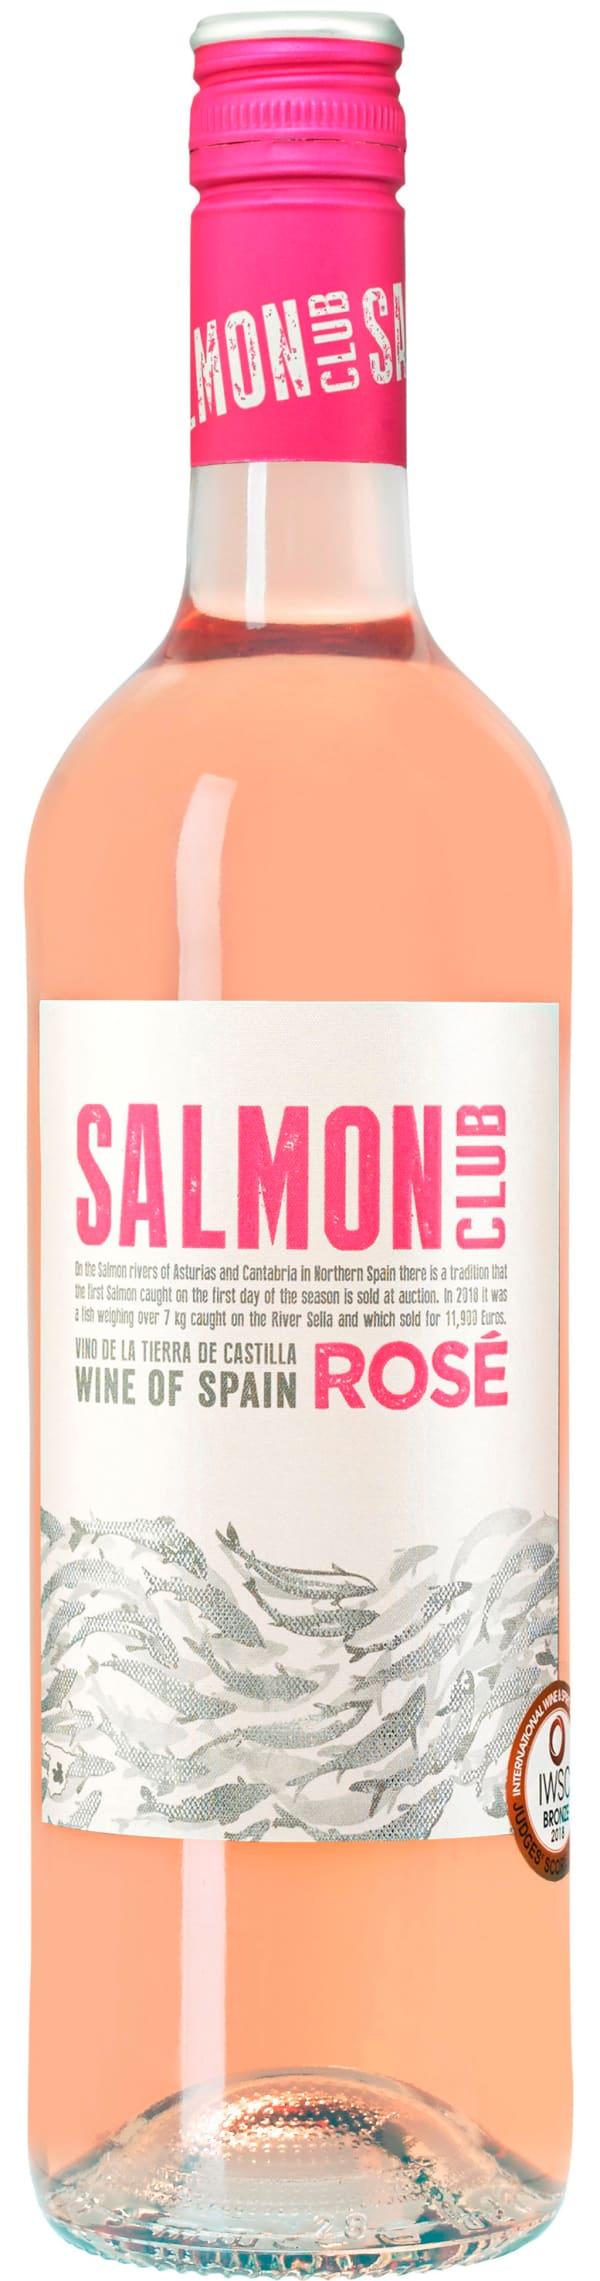 Salmon Club Rosé 2017